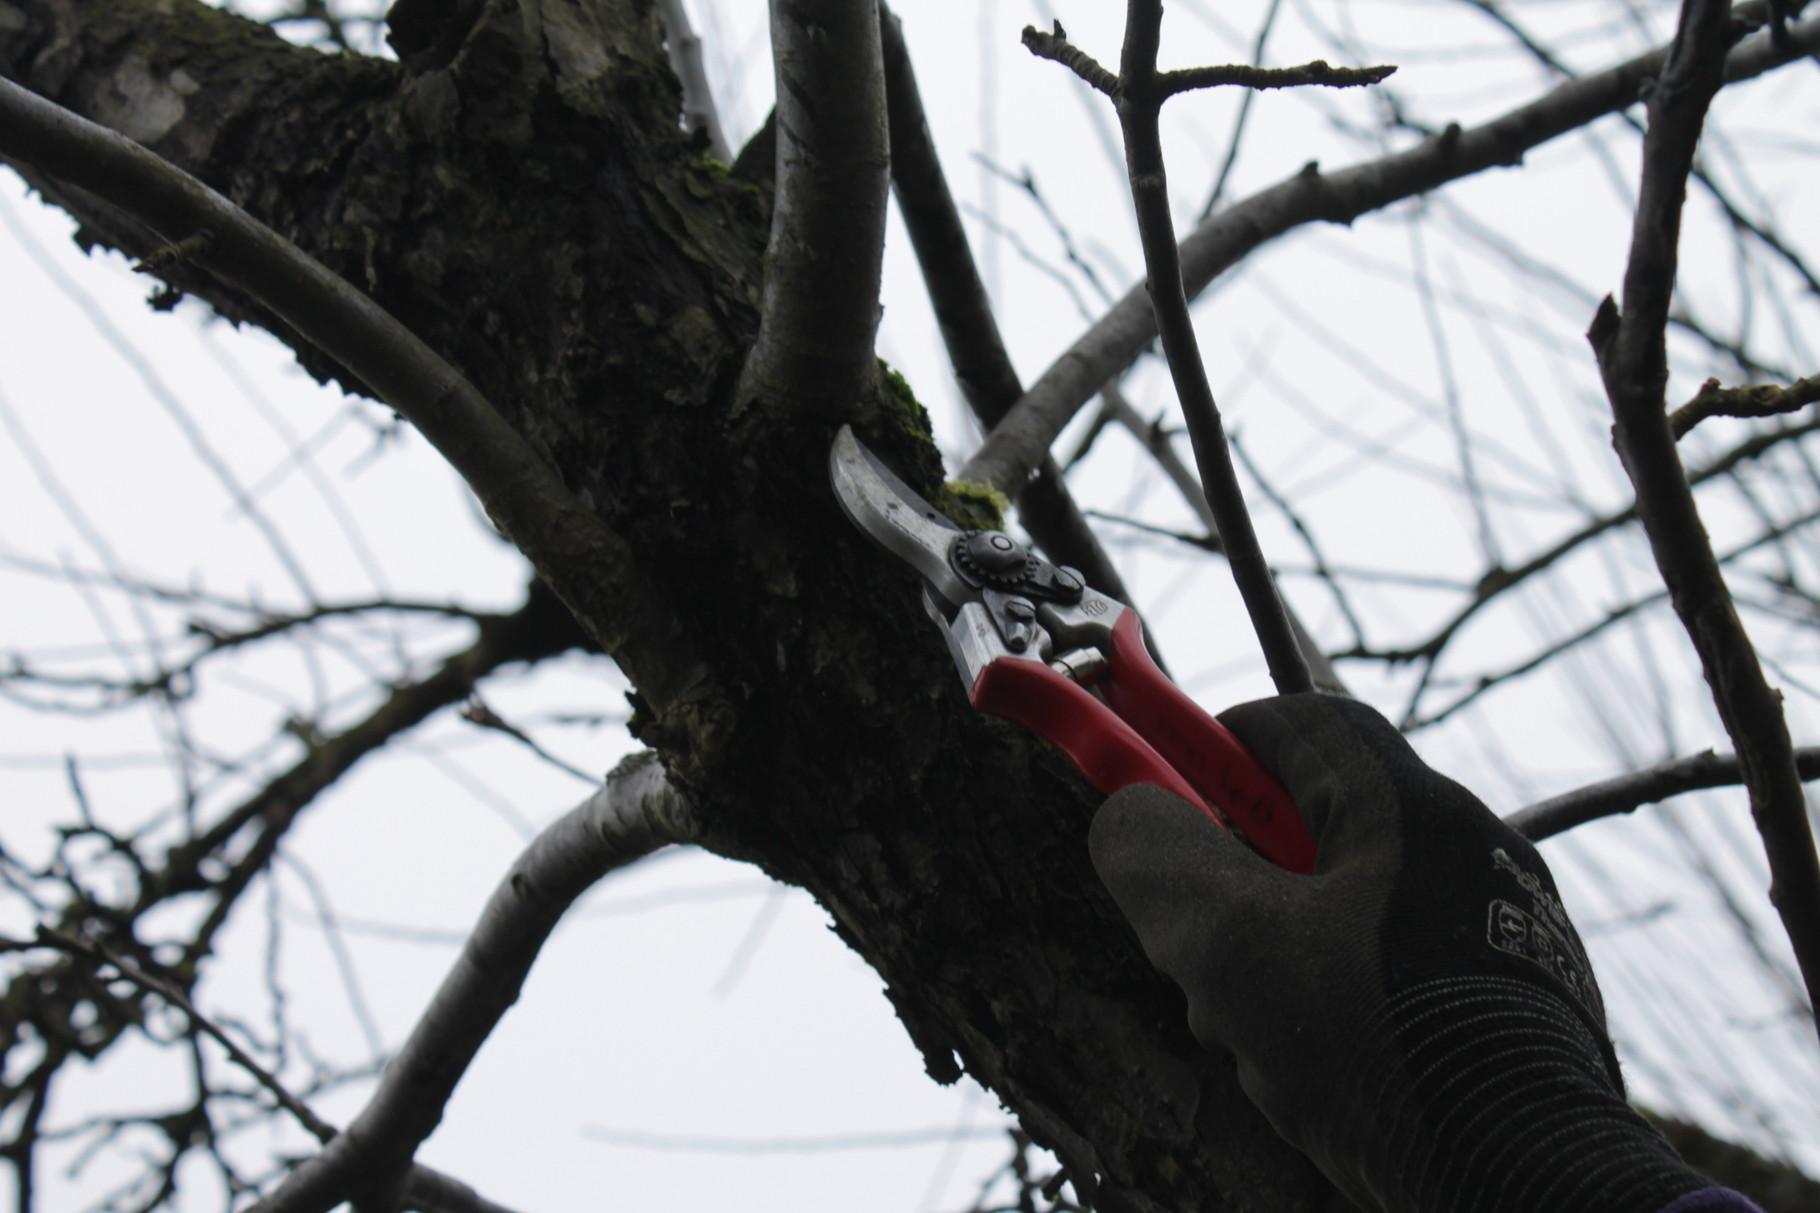 Zweige beurteilen und Stammnah abschneiden